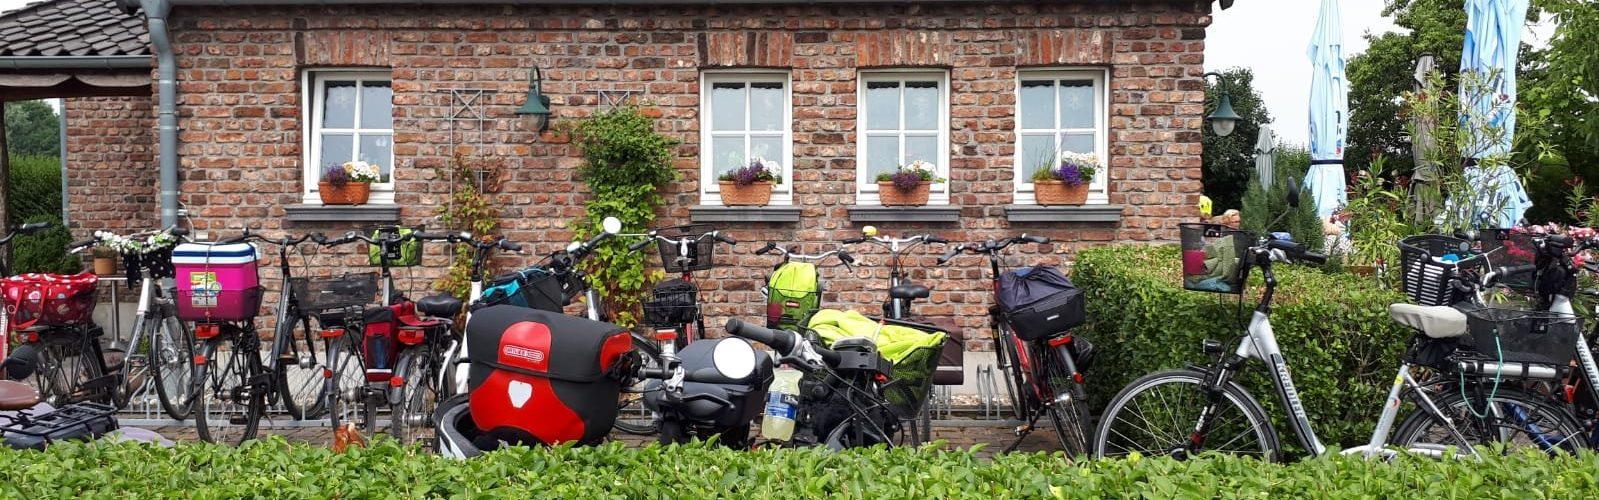 Landcafe Steudle Foto: ADFC Dinslaken-Voerde